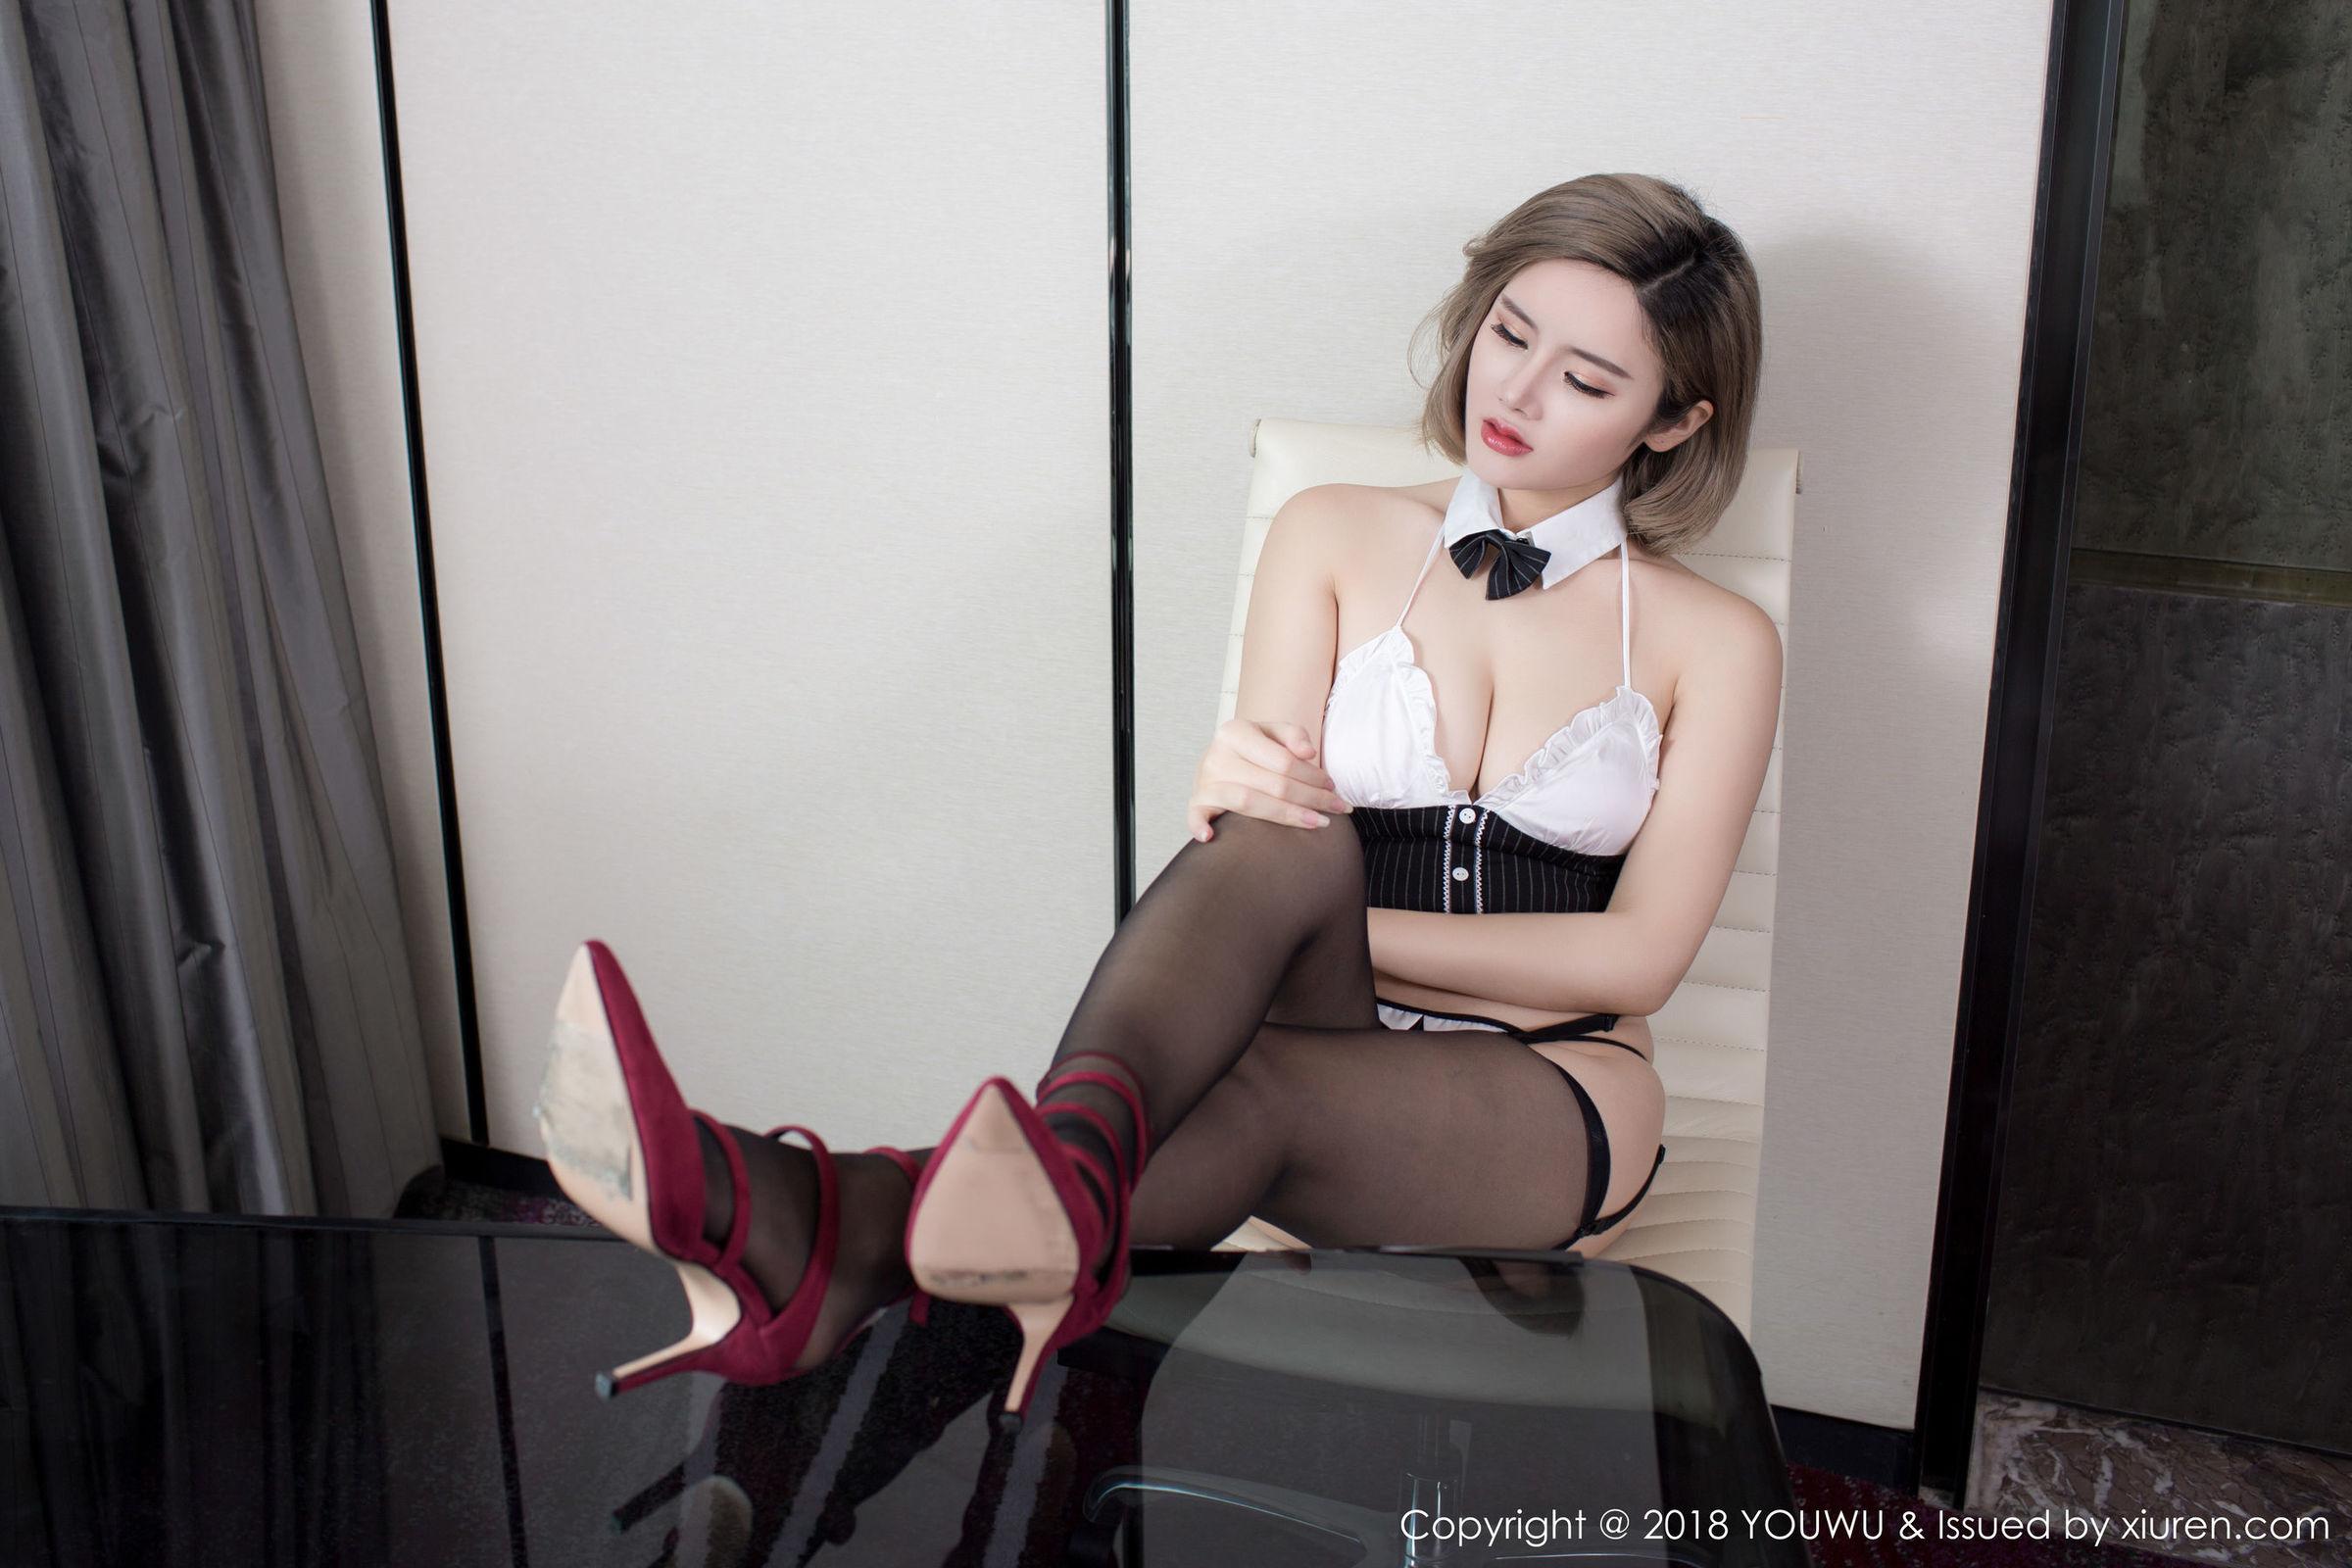 木木hanna - 性感黑丝吊袜写真